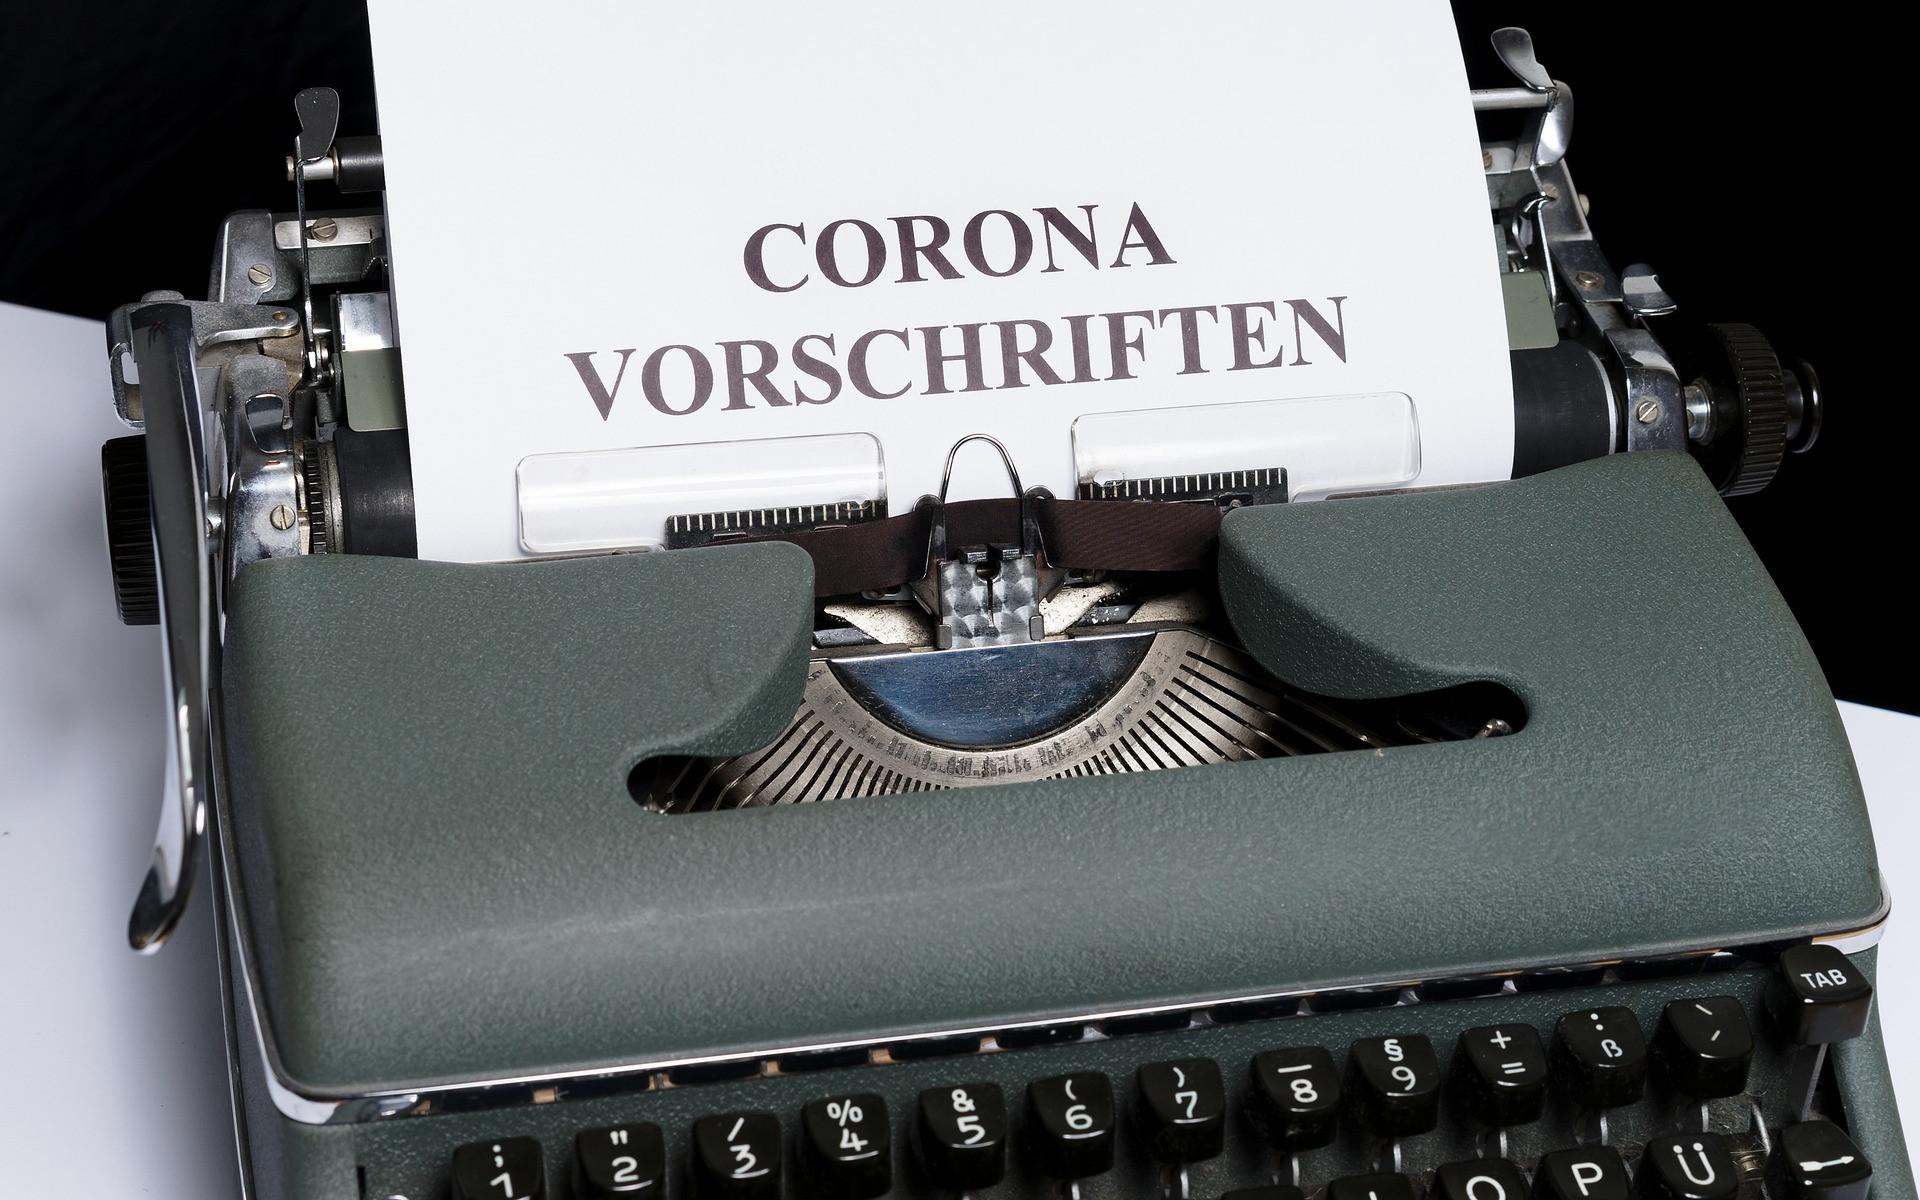 Schreibmaschine Corona Vorschriften